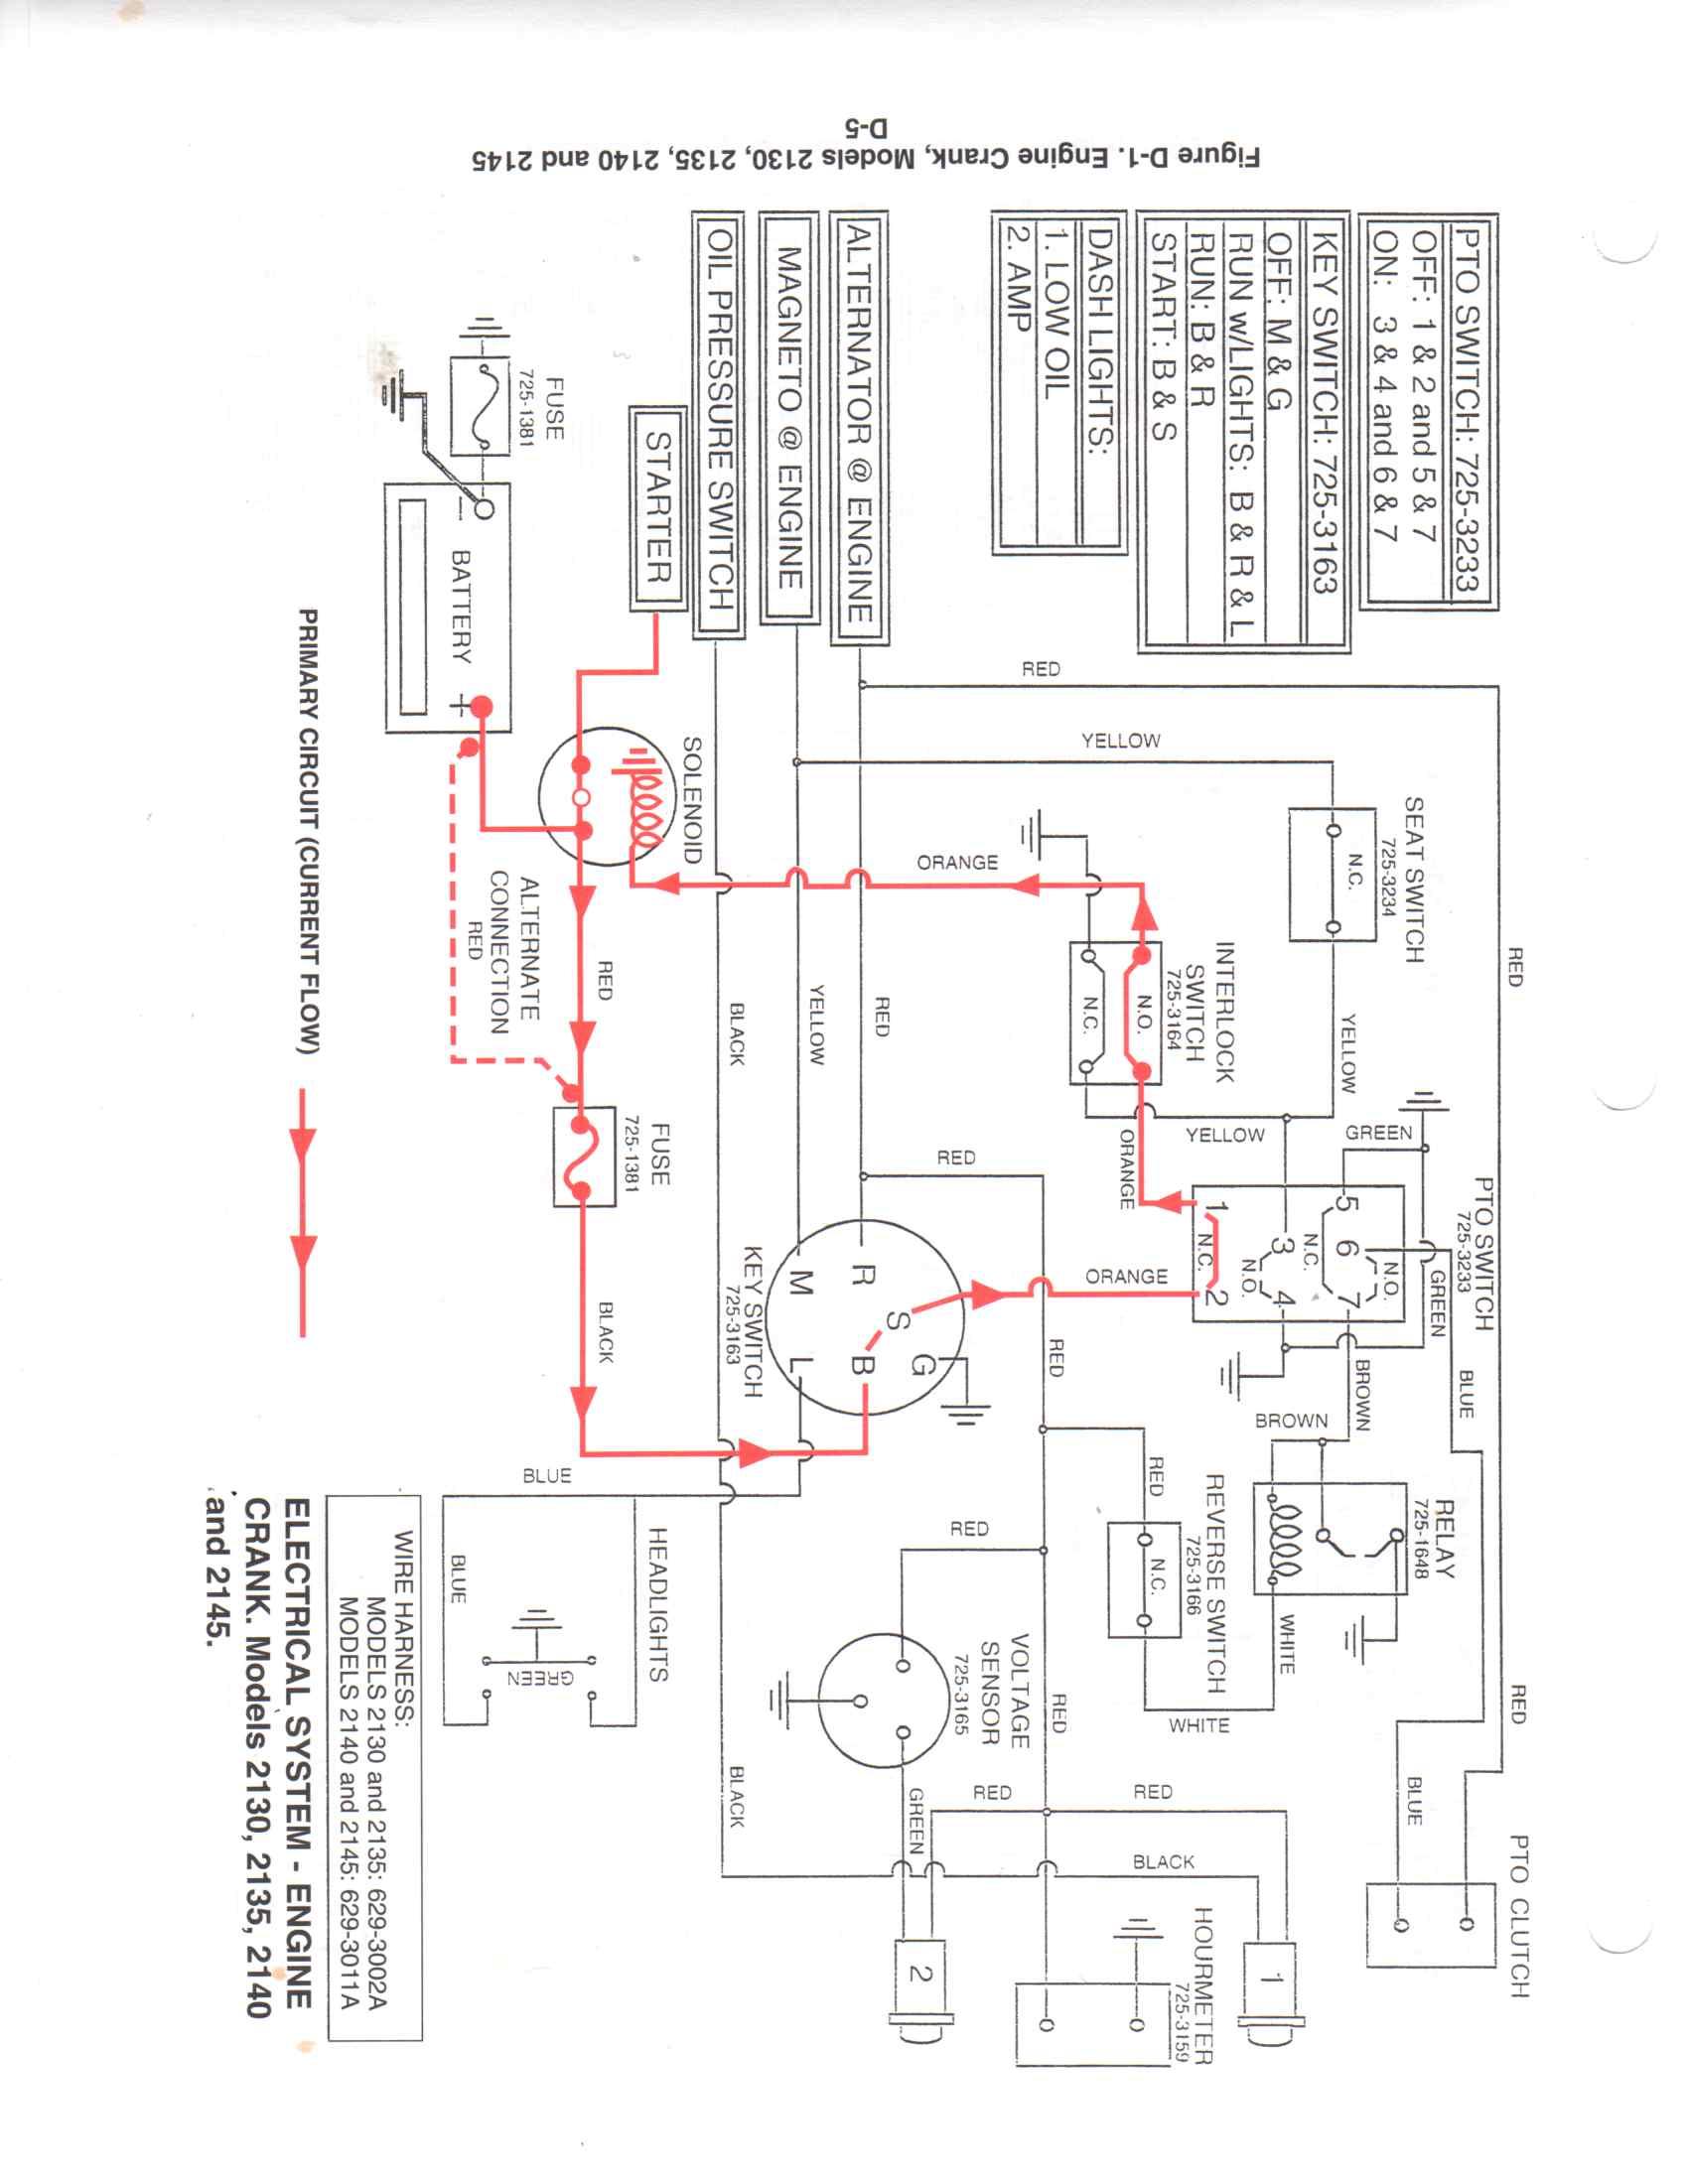 Onan Generator Mod# 2-skvd-2089b Wiring Diagram on onan wiring starting ring, onan engine, onan parts, onan rv generator schematics, cummins onan schematics,